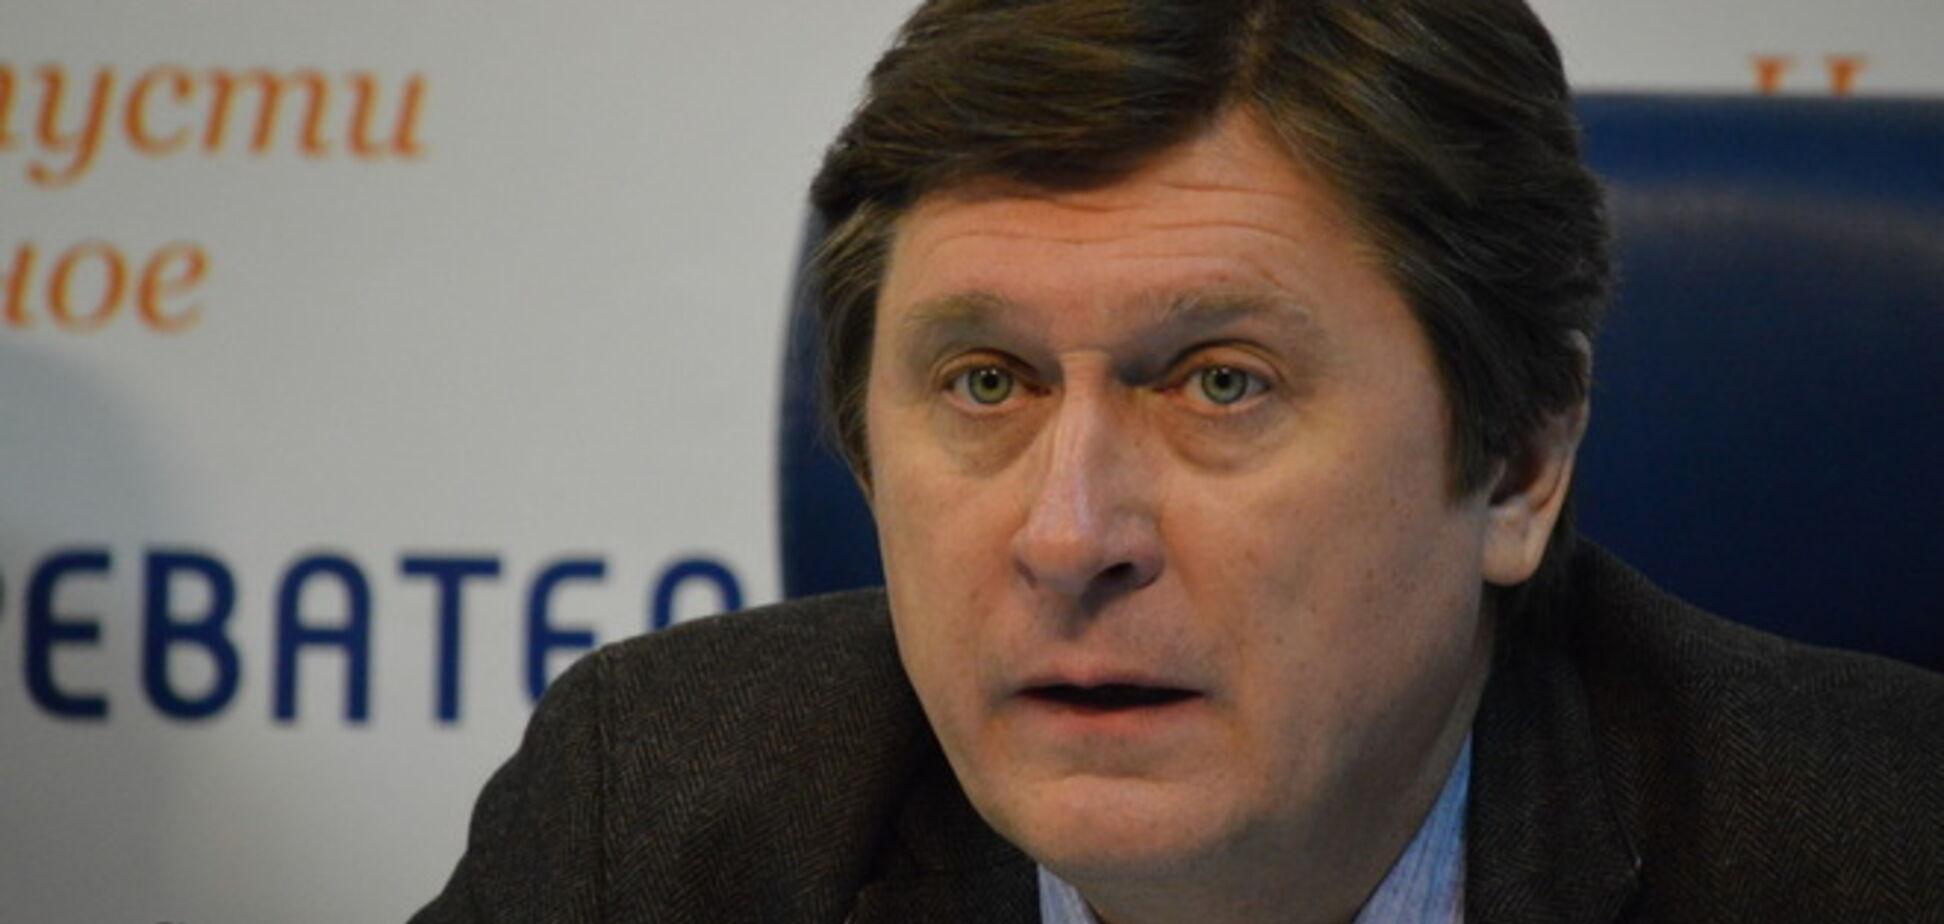 Фесенко назвал ключевые достижения Украины в 2014 году